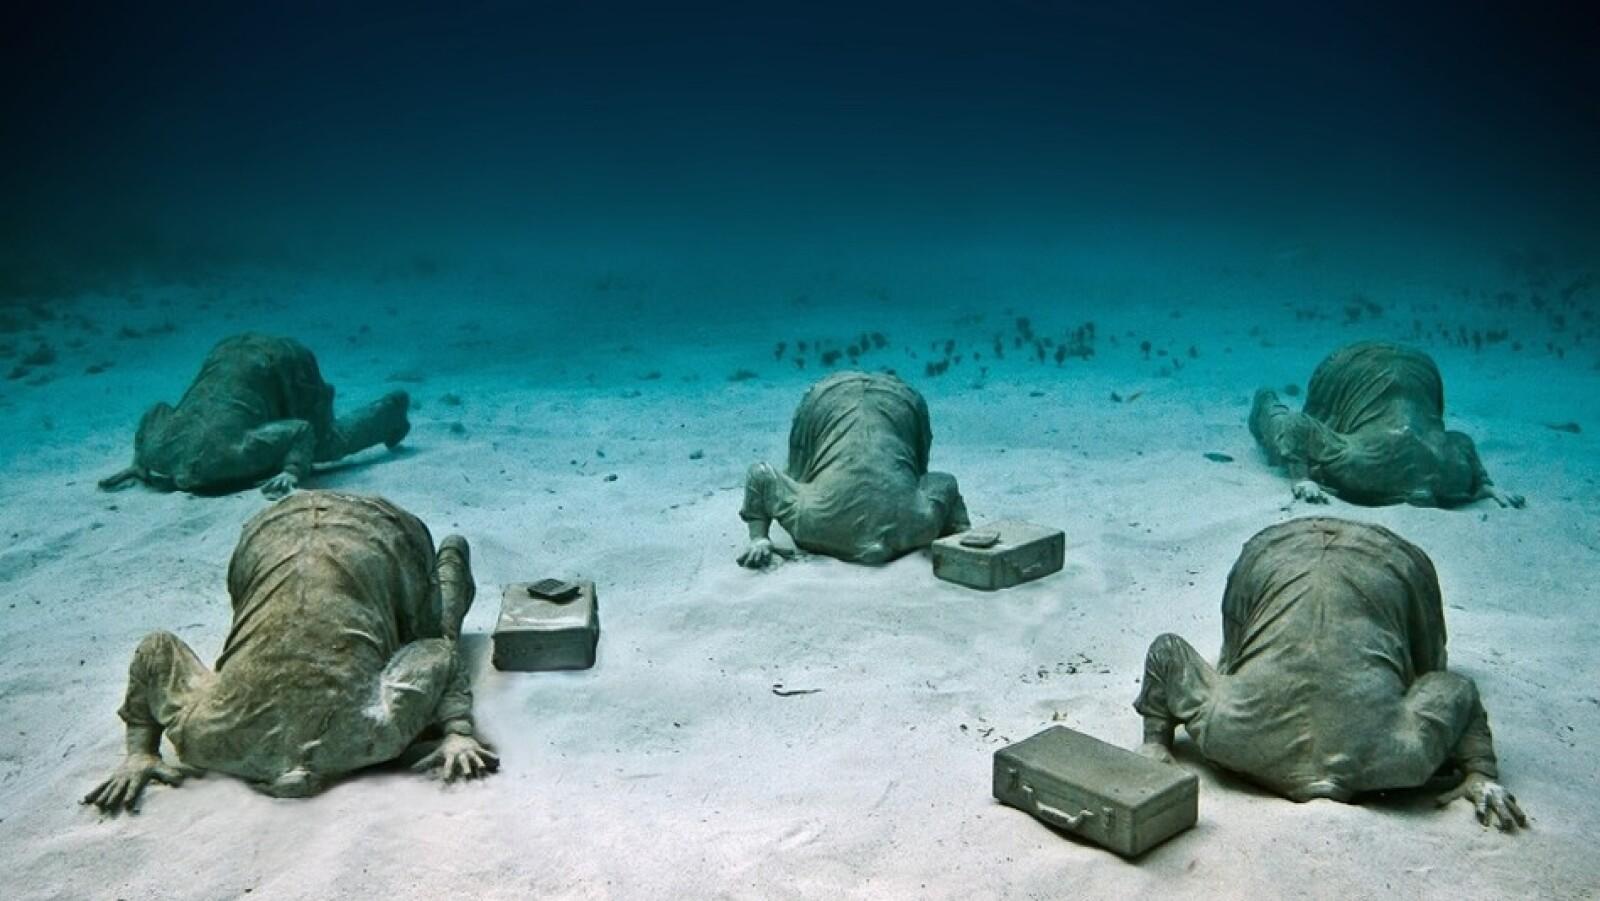 El artista no rehúye de una gran metáfora, como la instalación mostrada arriba en la que las figuras tienen las cabezas literalmente enterradas en la arena